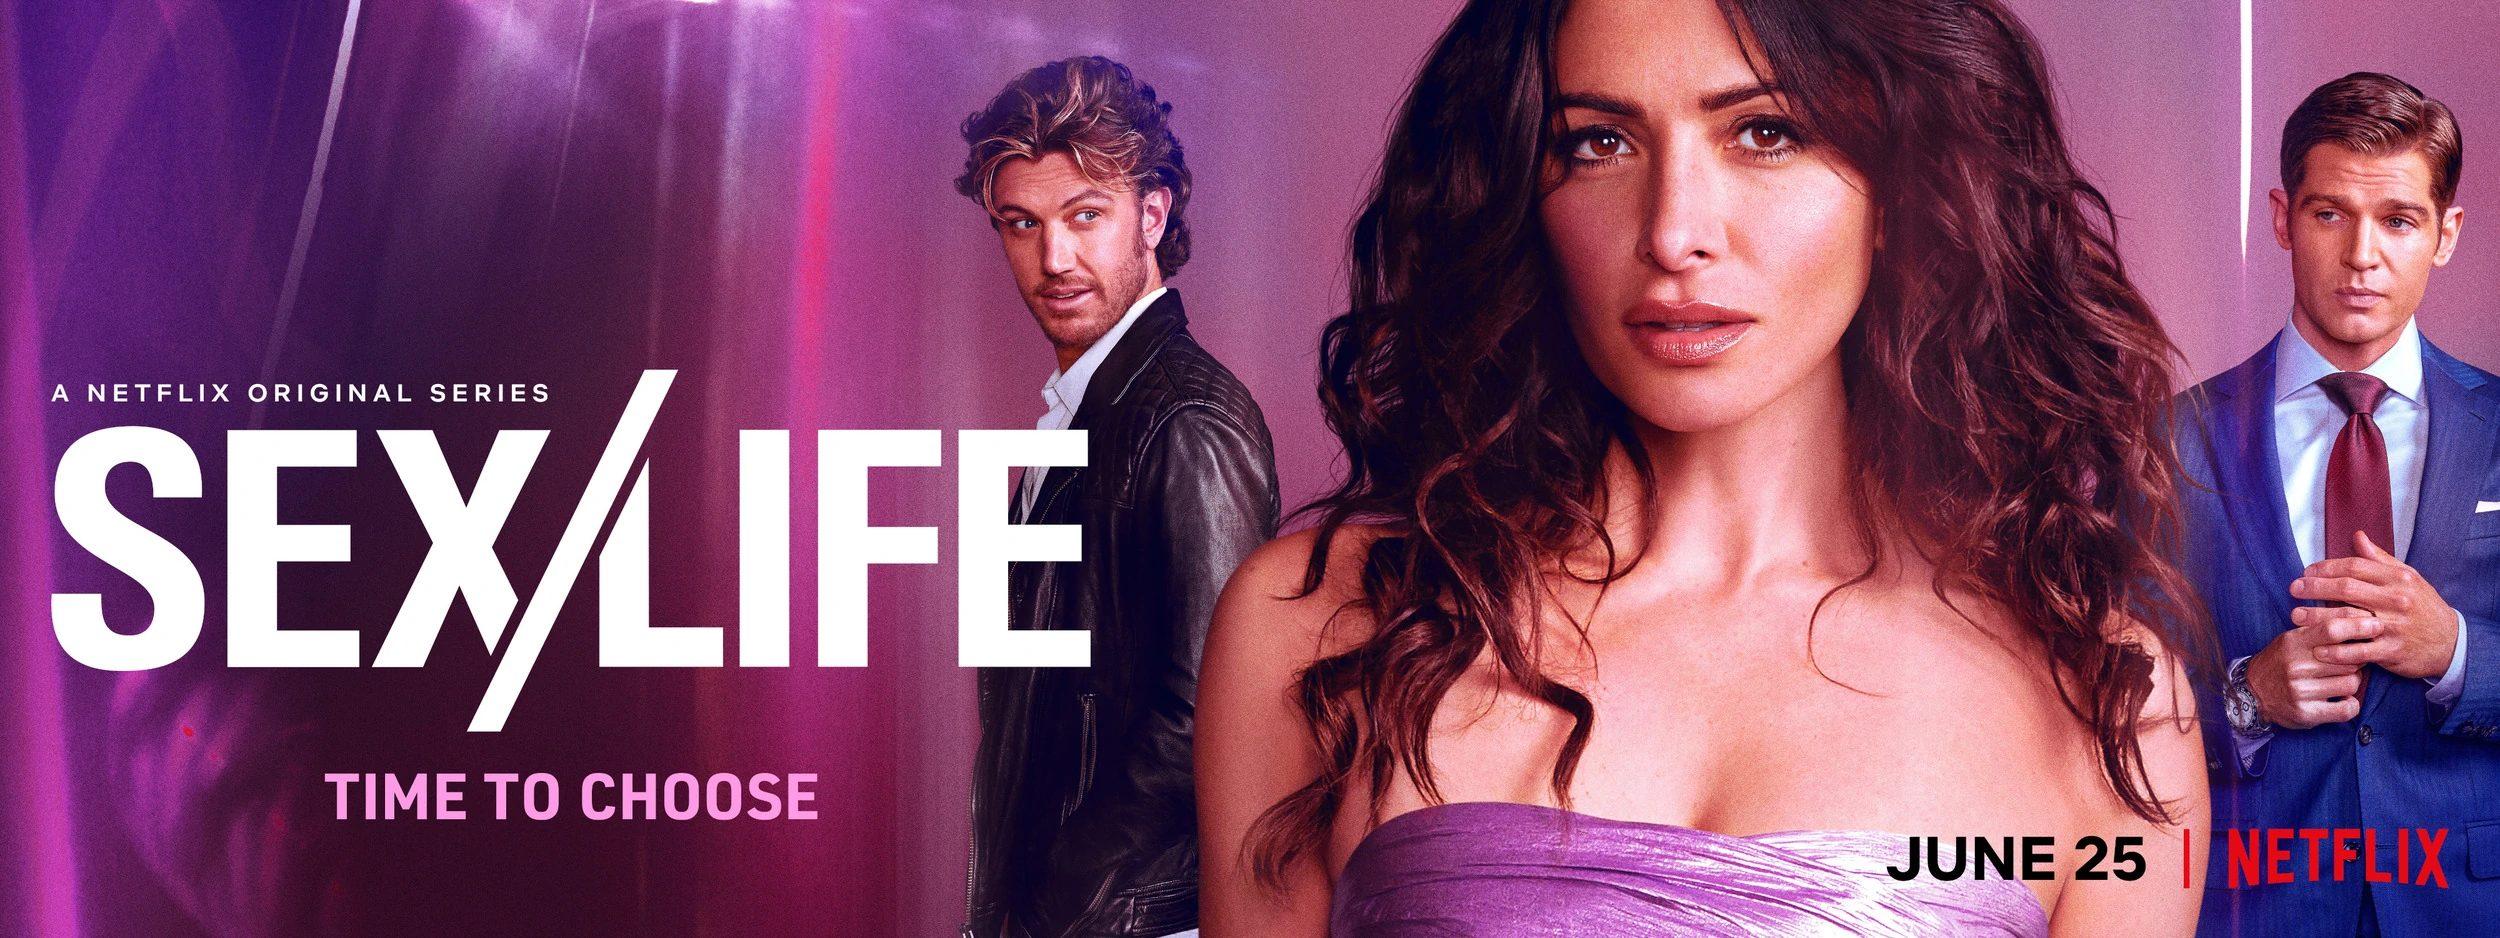 Sex/life – egy újabb szexi sorozat nem csak unatkozó anyukáknak